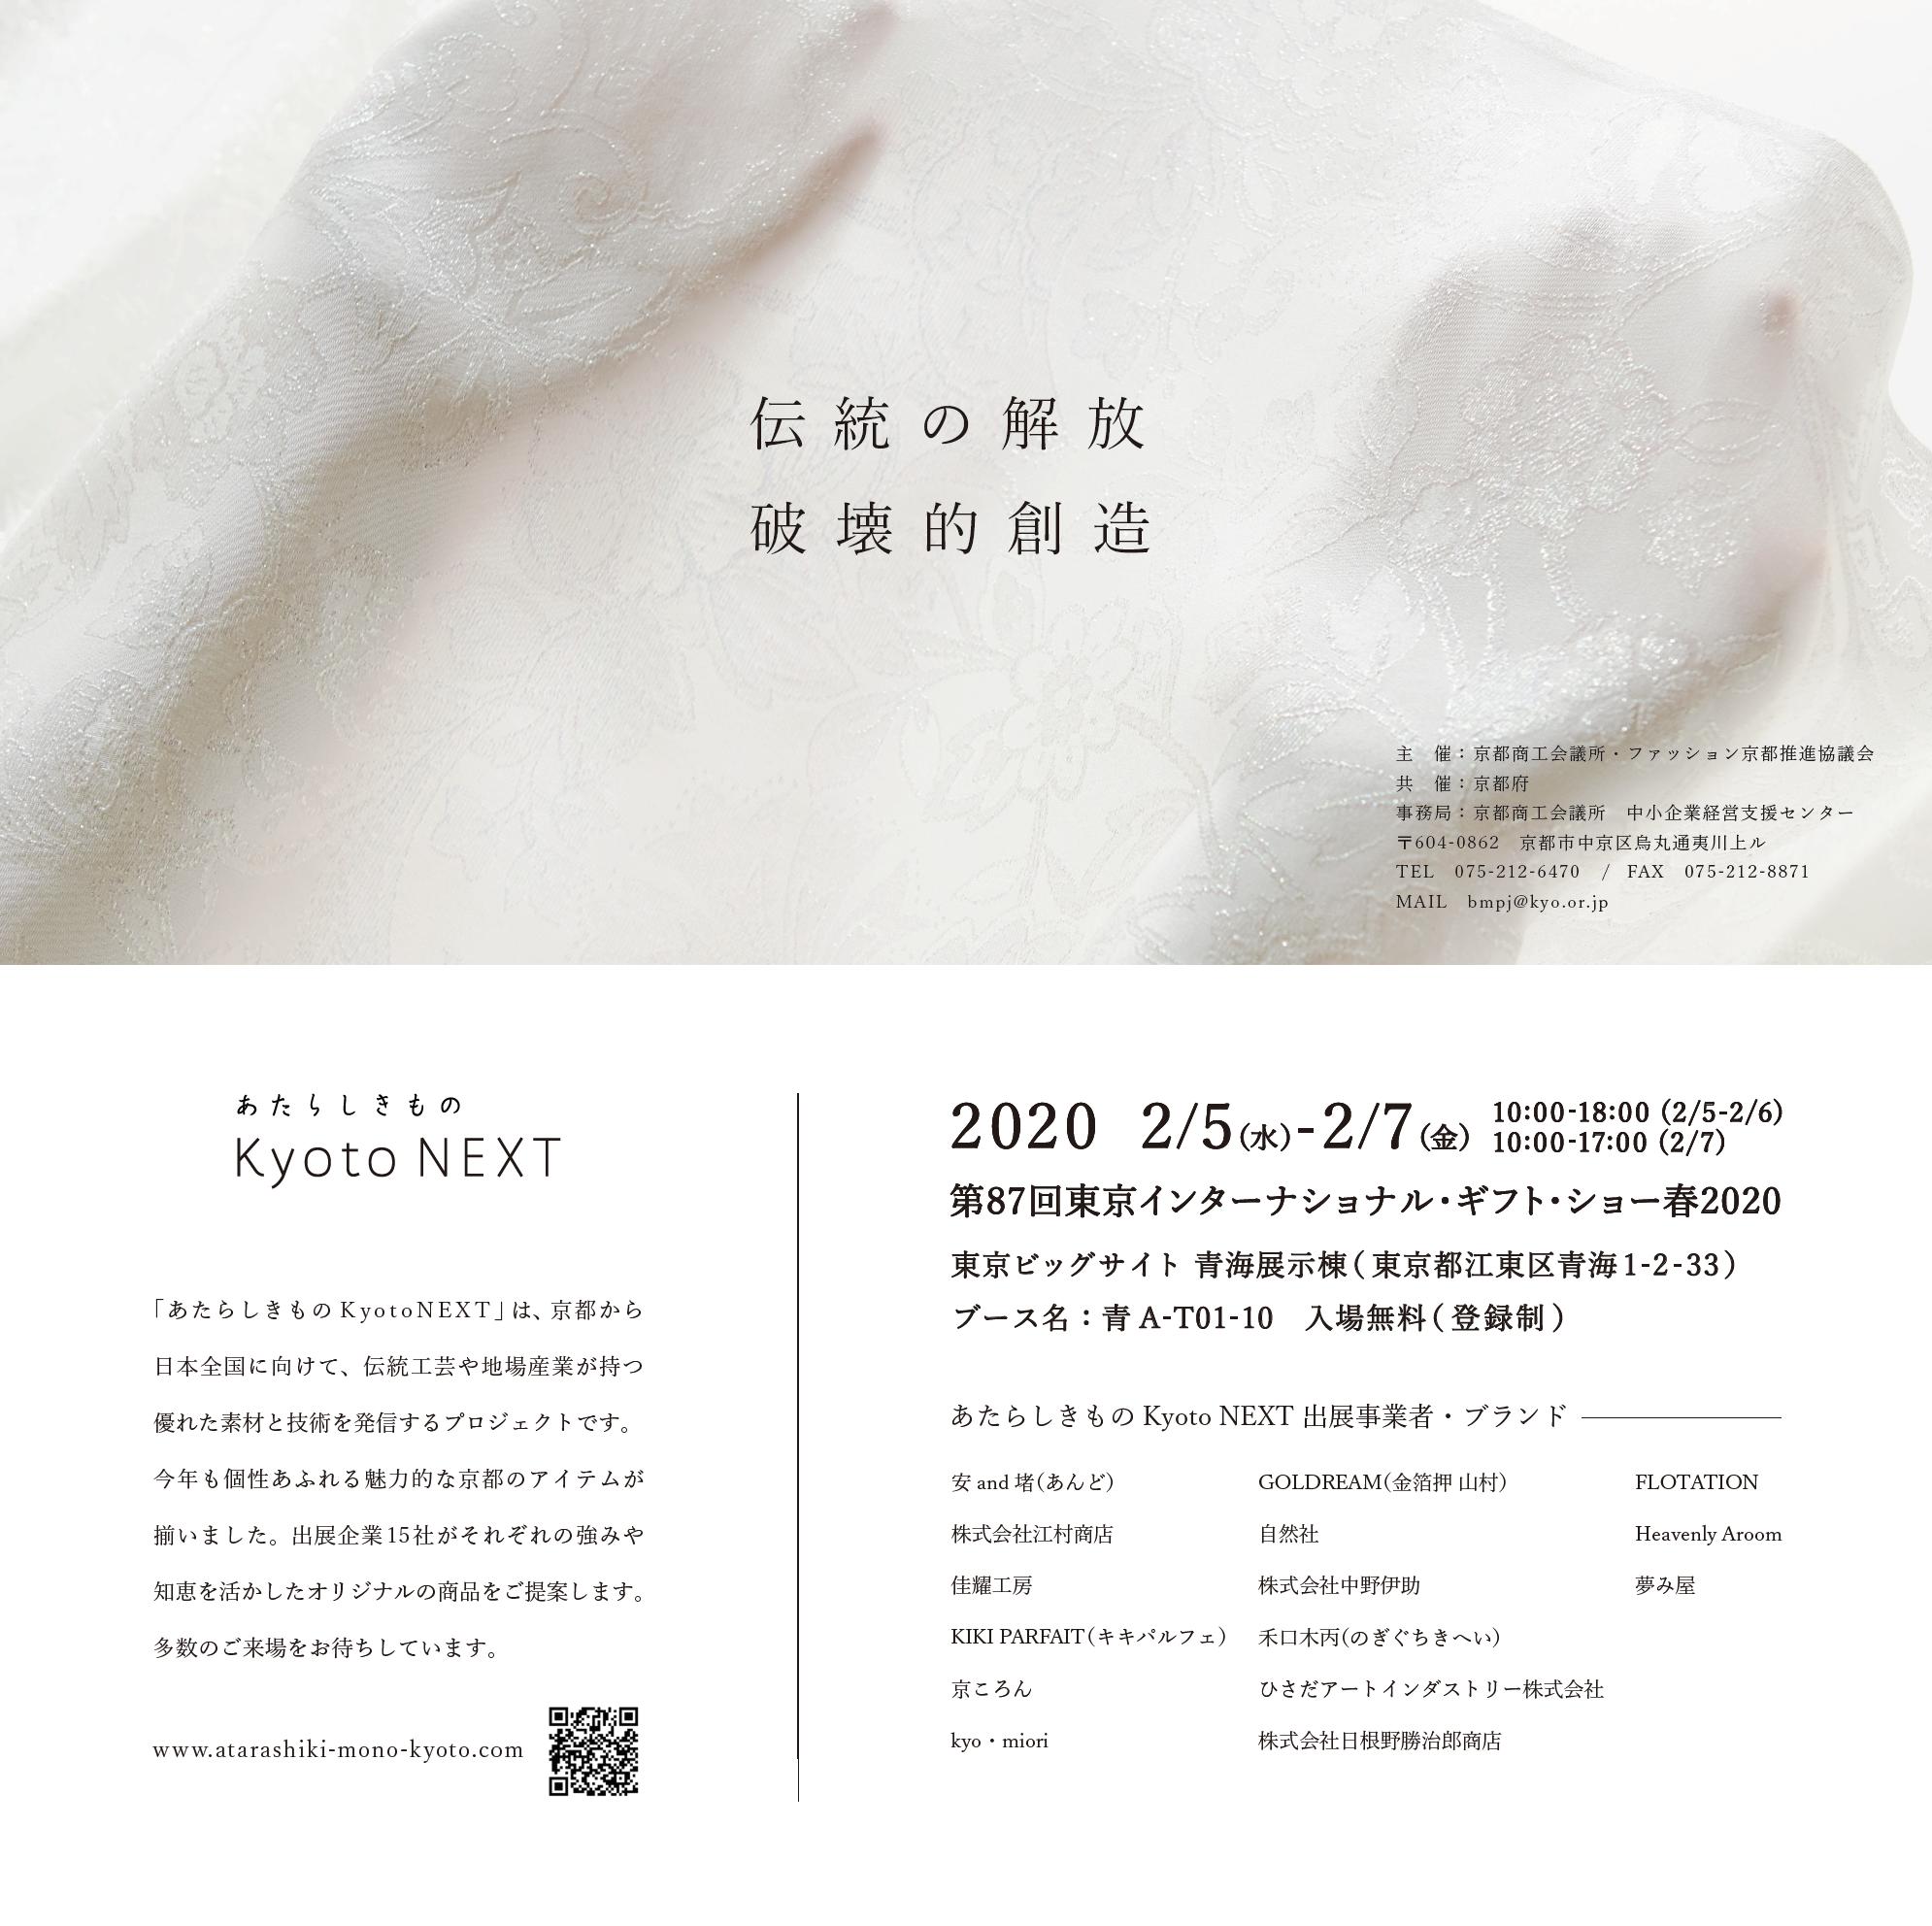 東京インターナショナル・ギフト・ショー春 2020に参加します